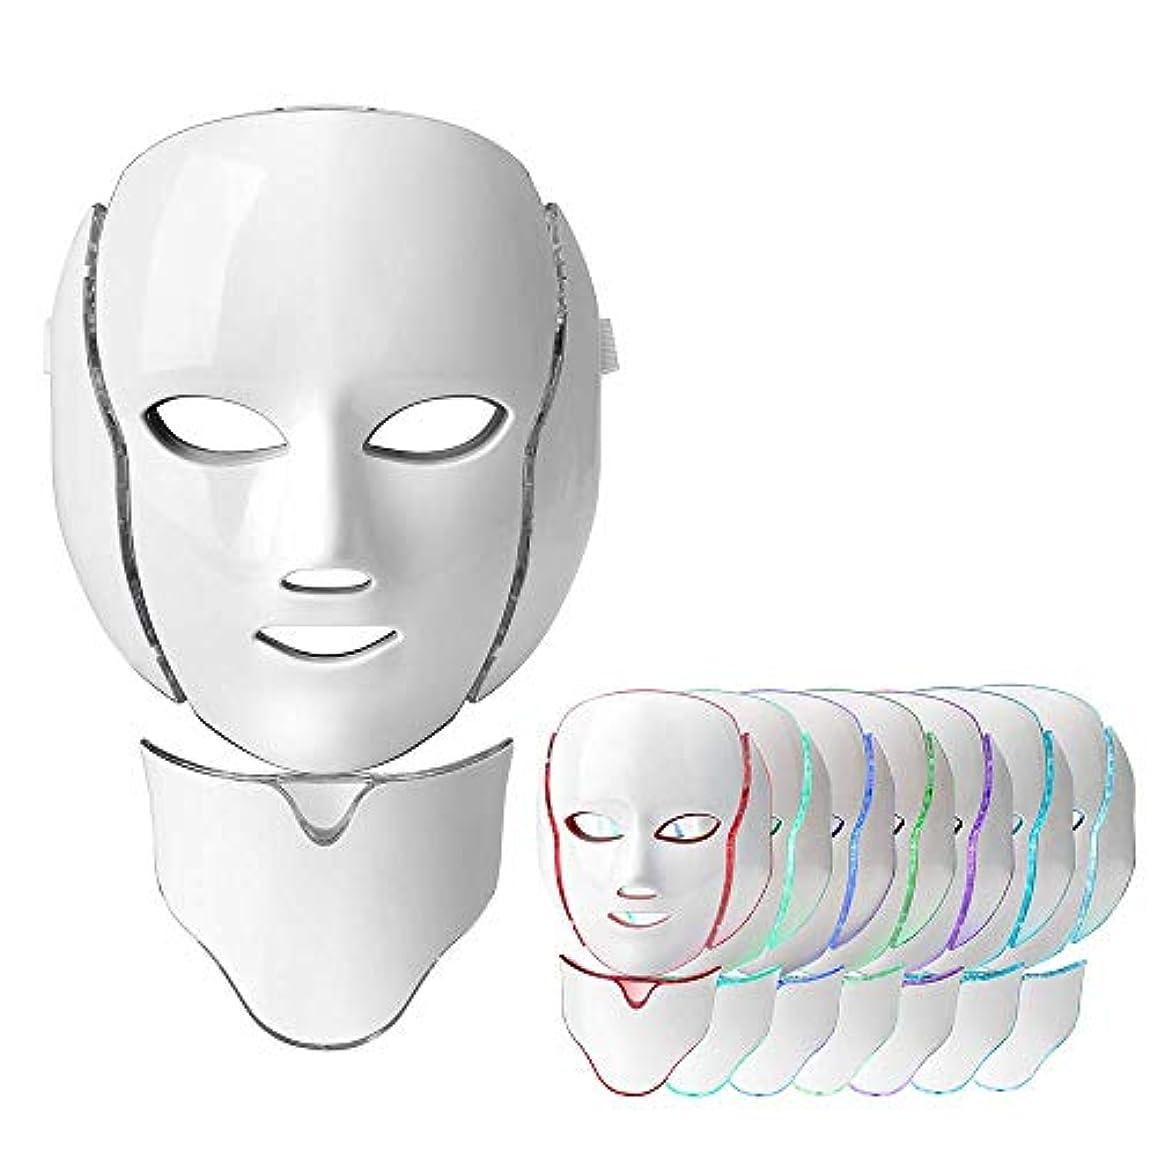 制裁子バラバラにするフォトンセラピーライトセラピーフェイスマスク、マイクロカレント7色ニキビ治療Ledフォトンマスクフェイシャルスキンケアアンチエイジングキット